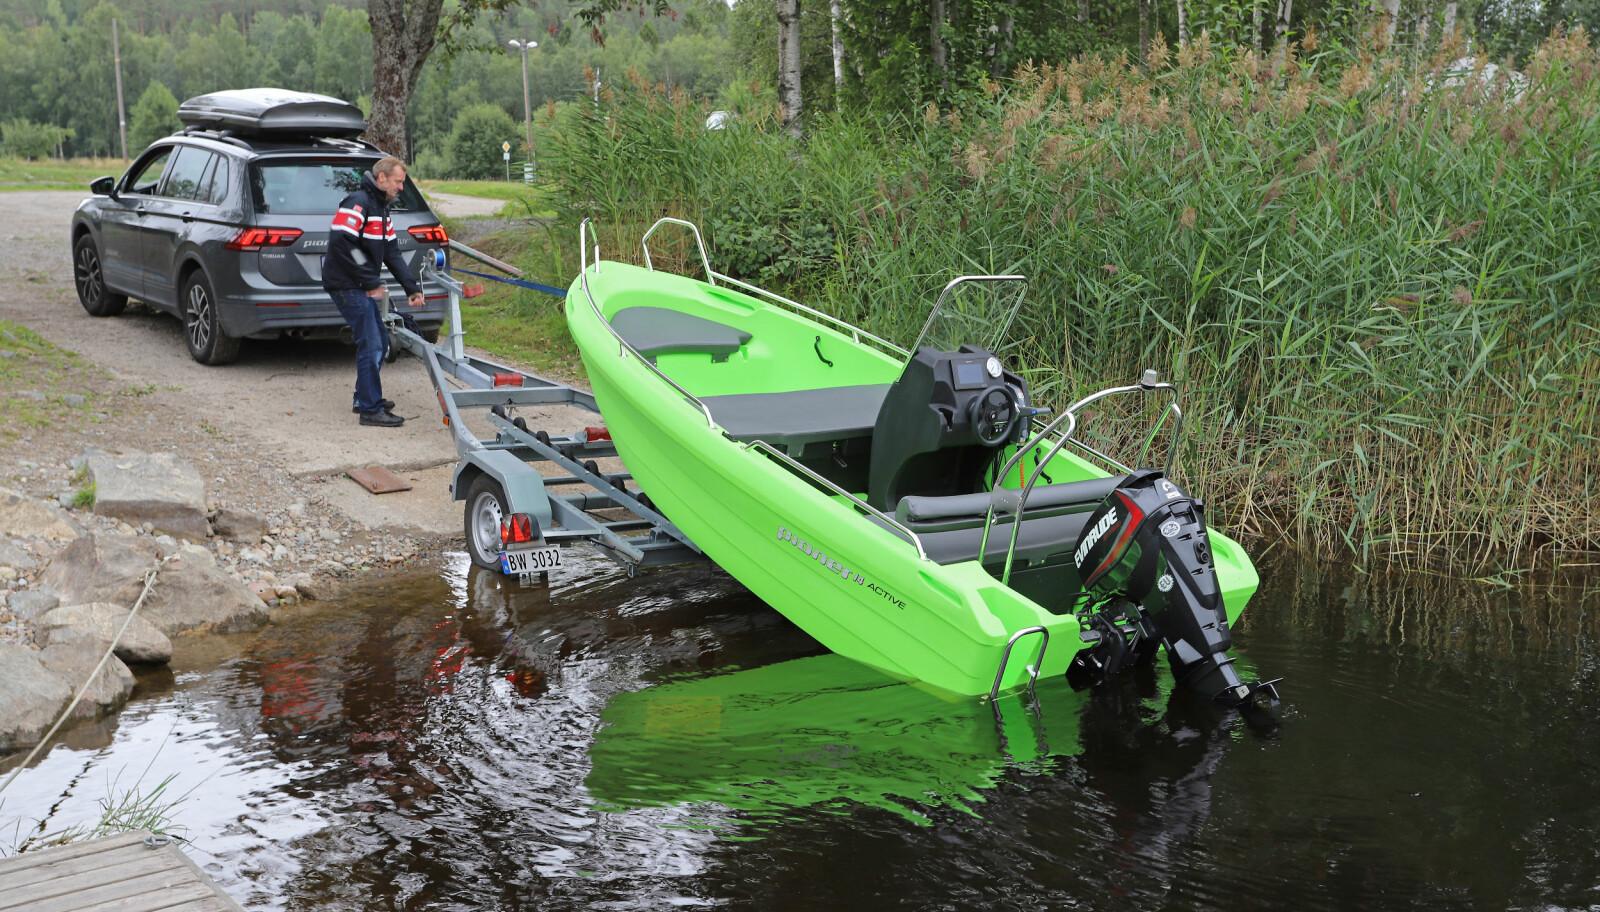 <b>PIONER 14 ACTIVE:</b> Hendig størrelse og vekt gjør dette til en enkel båt å ta med seg på henger.